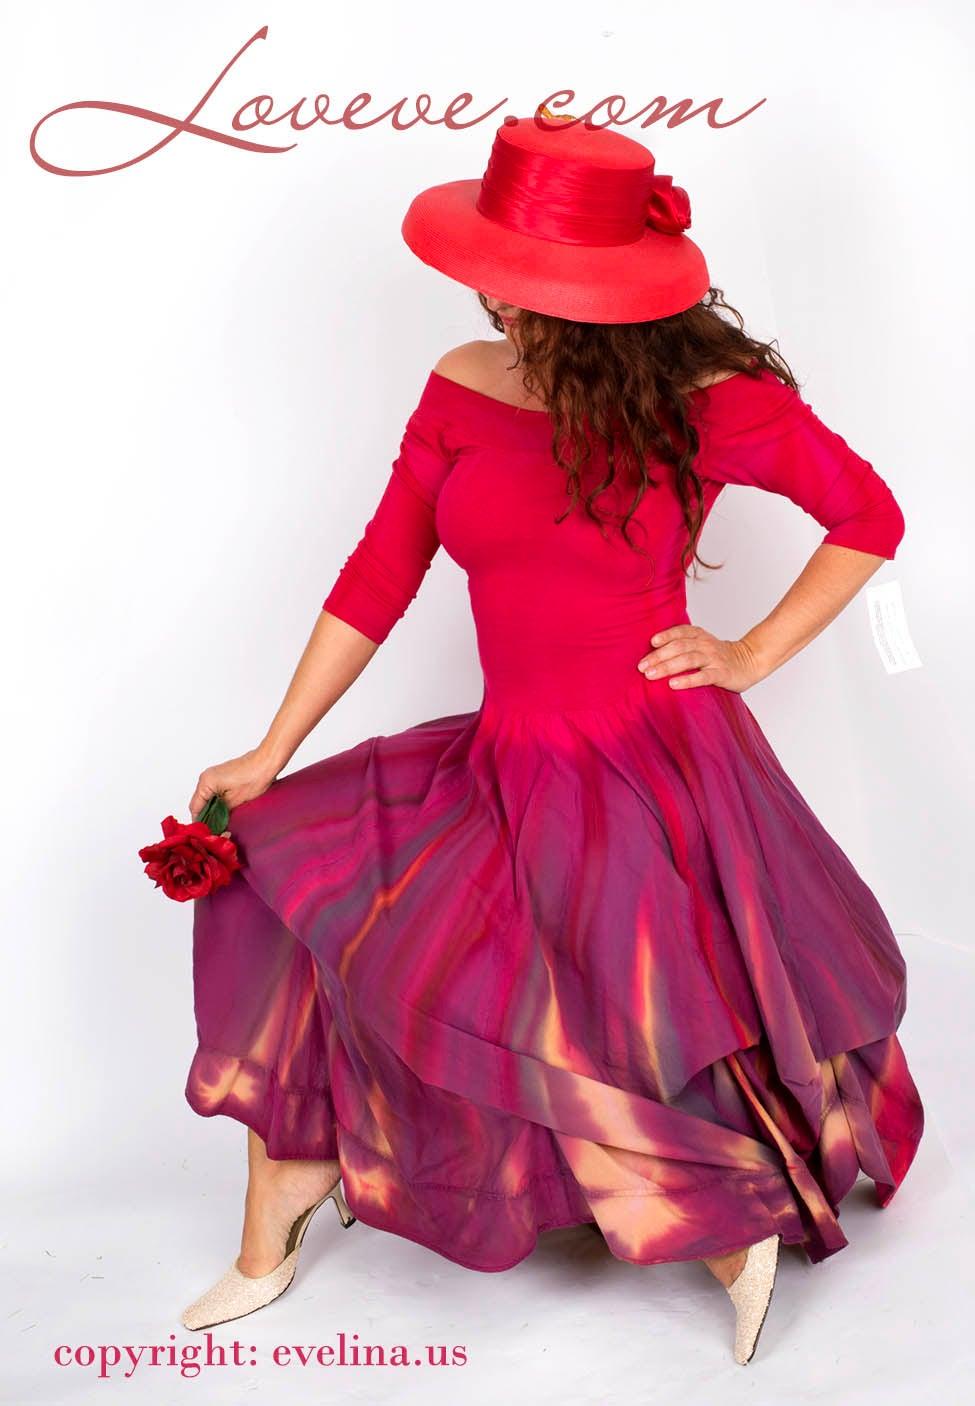 Image of Luna Luz Tie-Dye Boutique Dress with Interior Ties